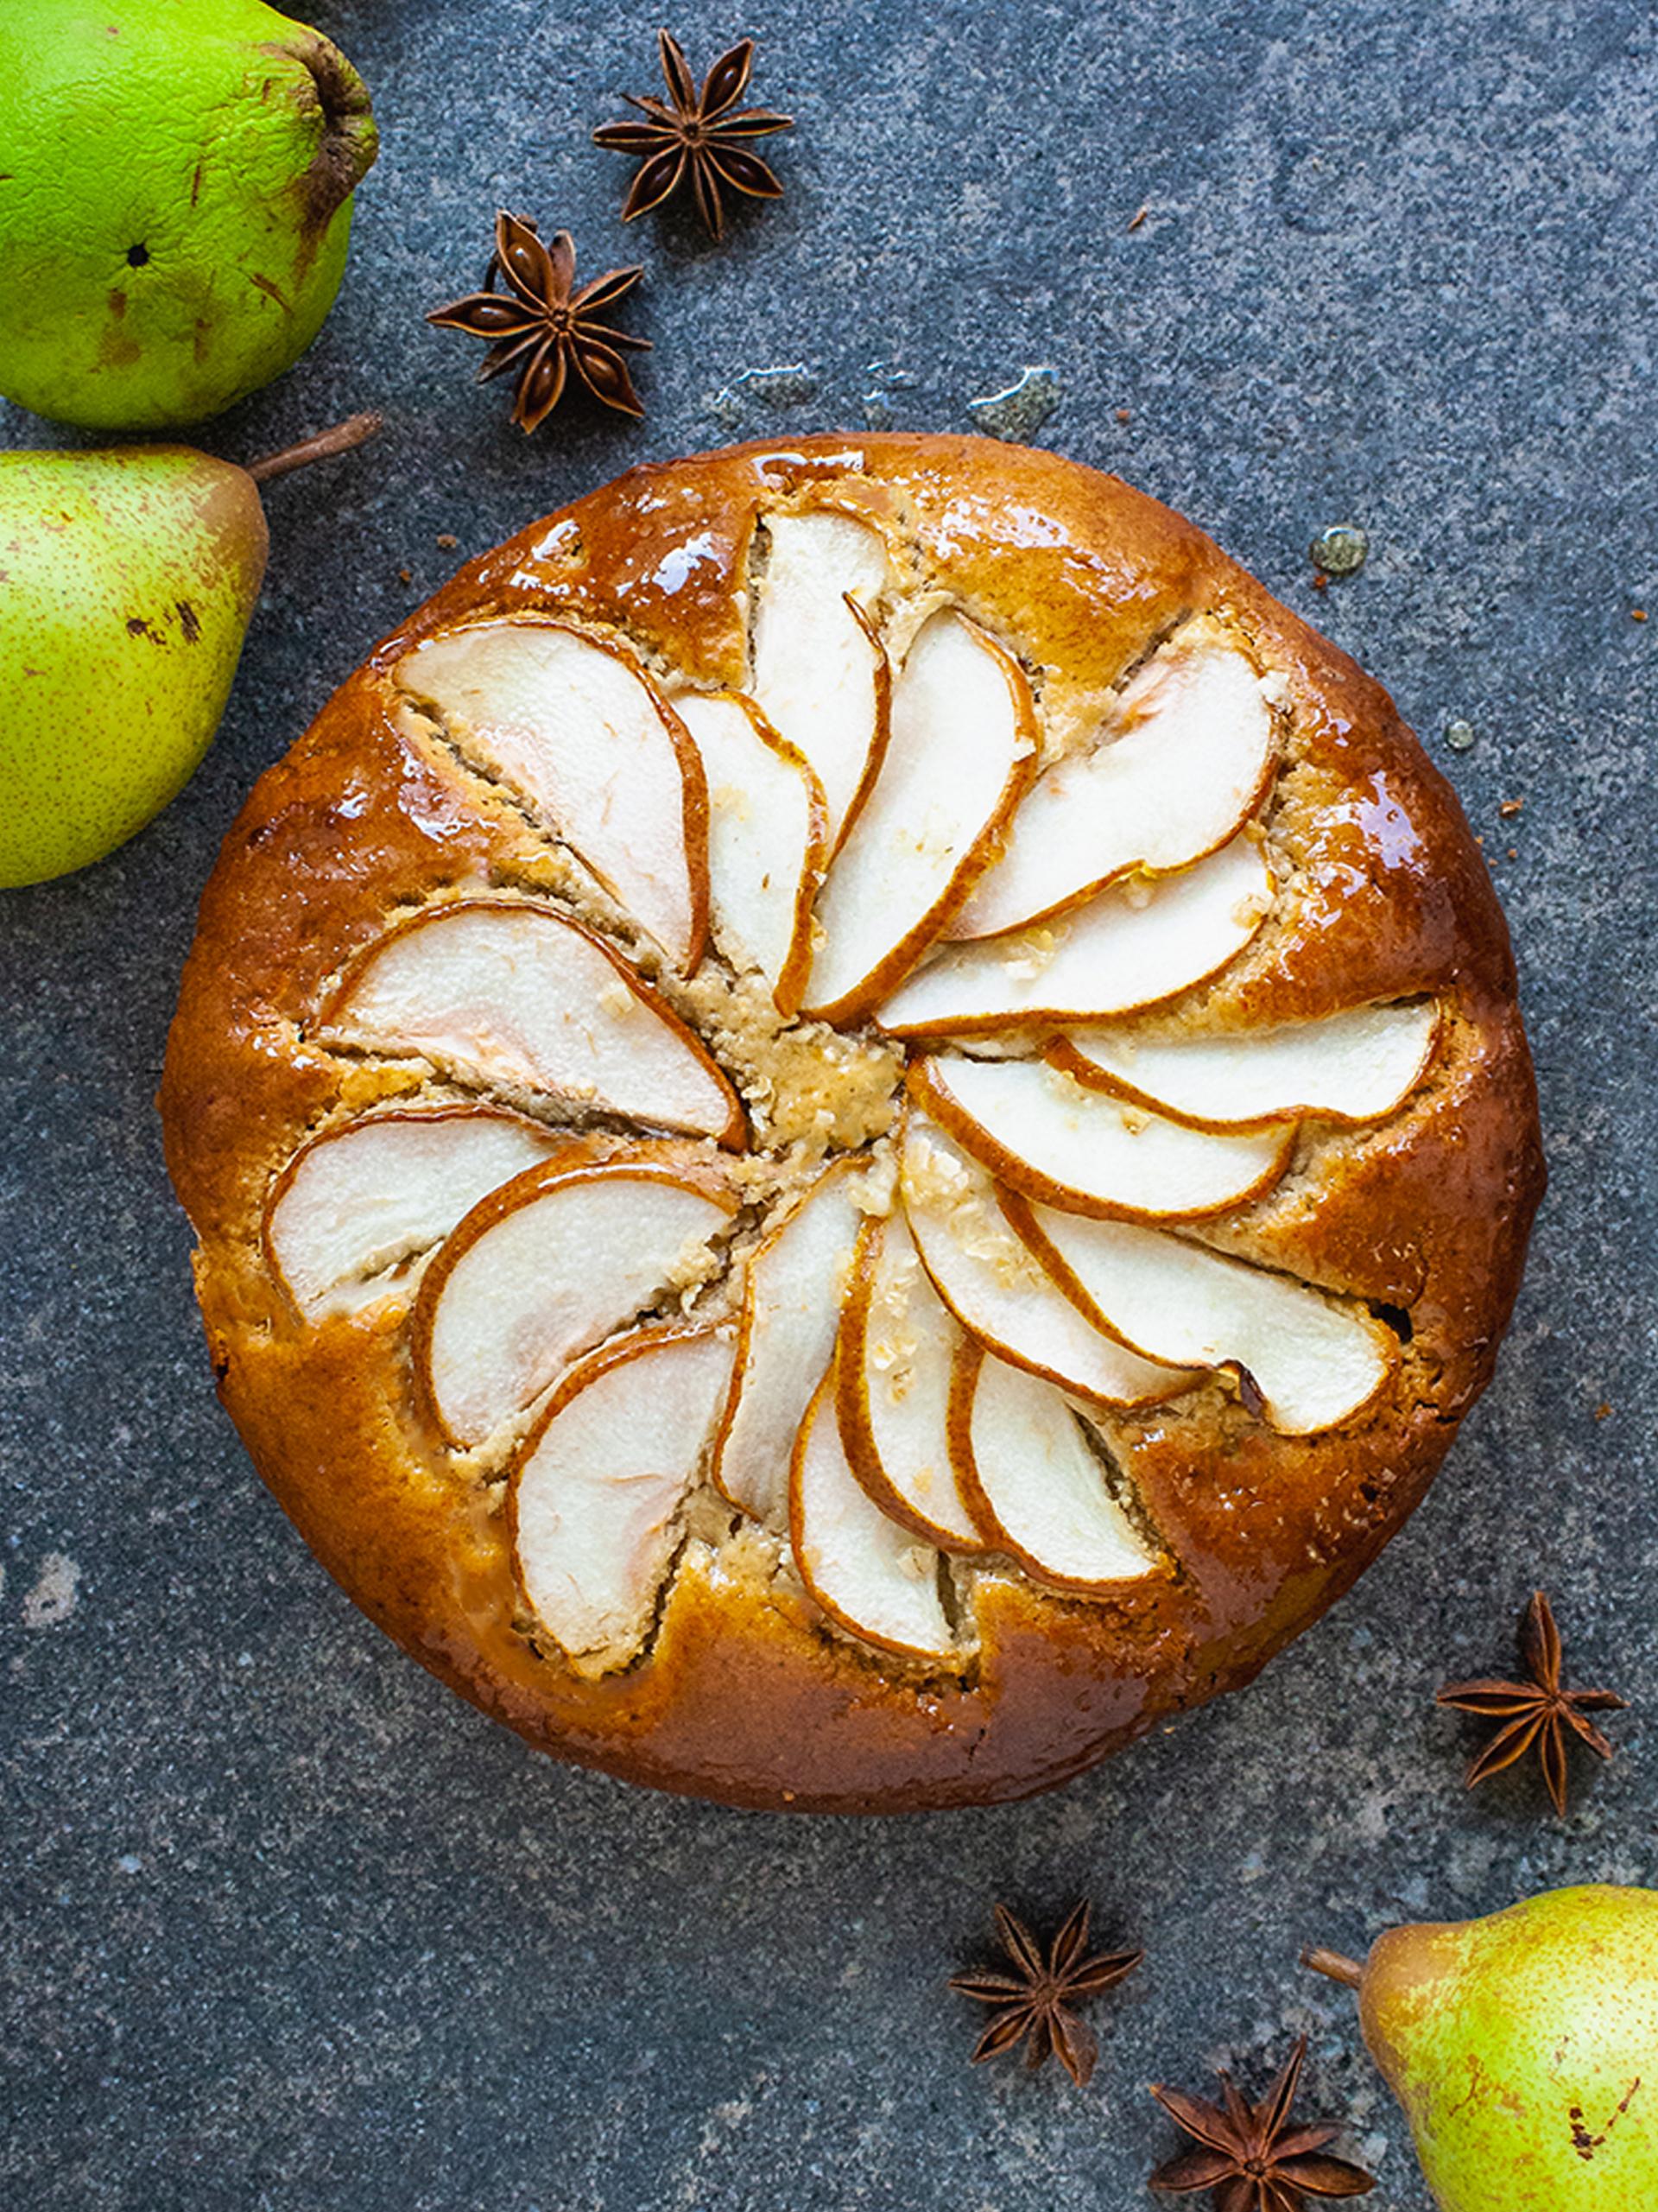 Gluten Free Italian Pear Cake with Honey Glaze Recipe Thumbnail